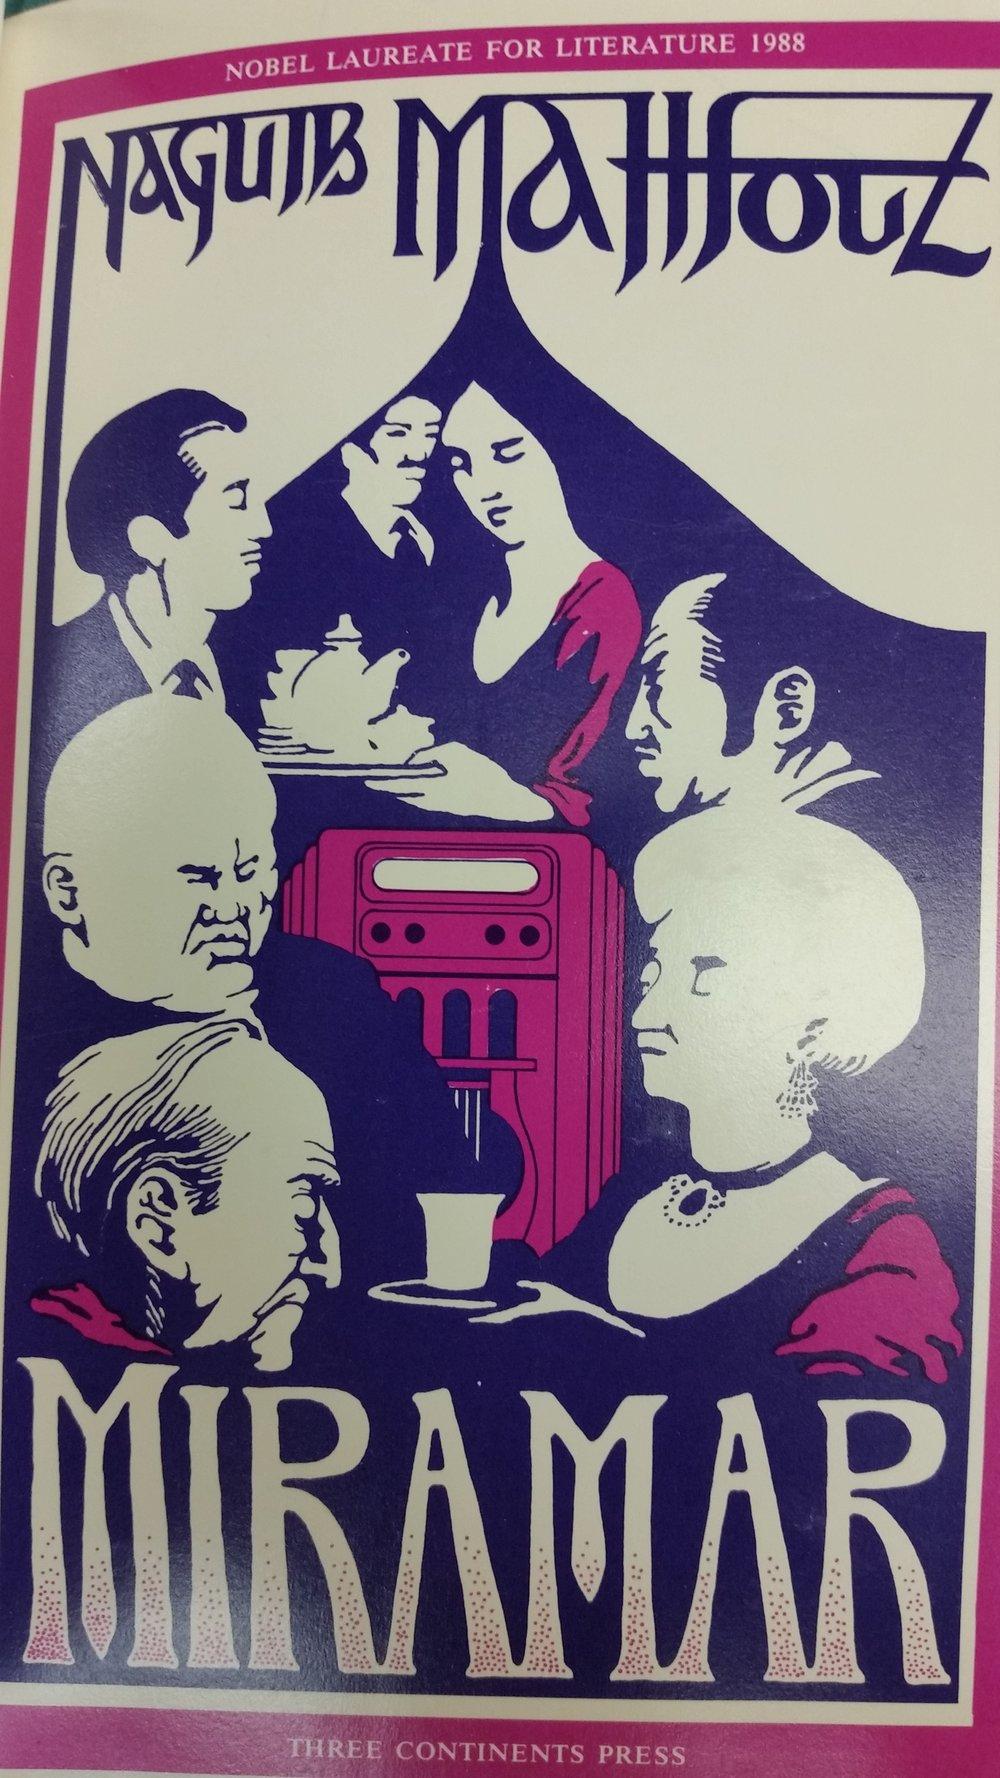 Naguib Mahfouz's Miramar,Fatma Moussa-Mahmoud trans., postface by Trevor Le Gassick (Washington, D.C. : Three Continents Press, 1990)